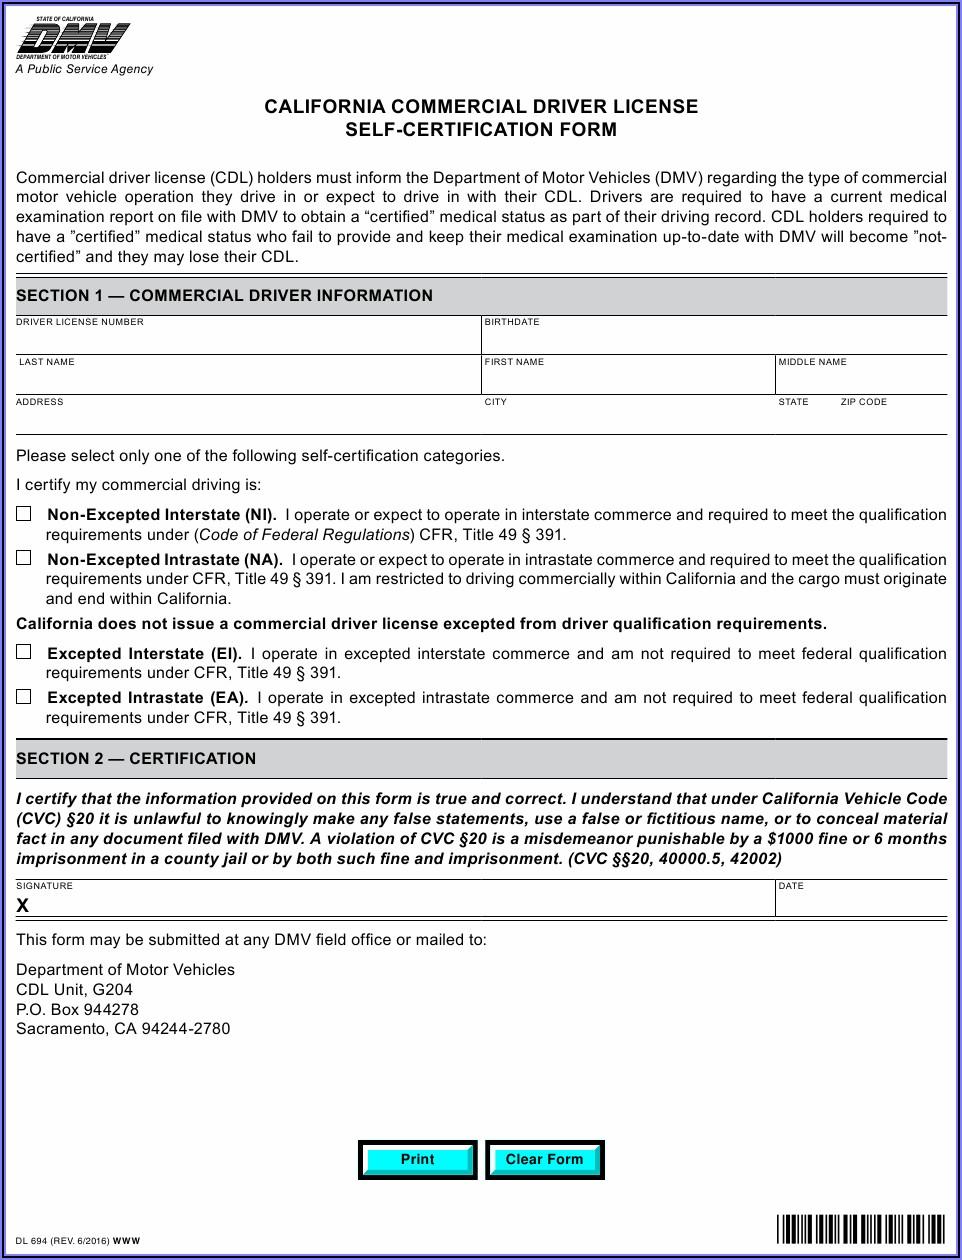 Ca Cdl Medical Exam Form